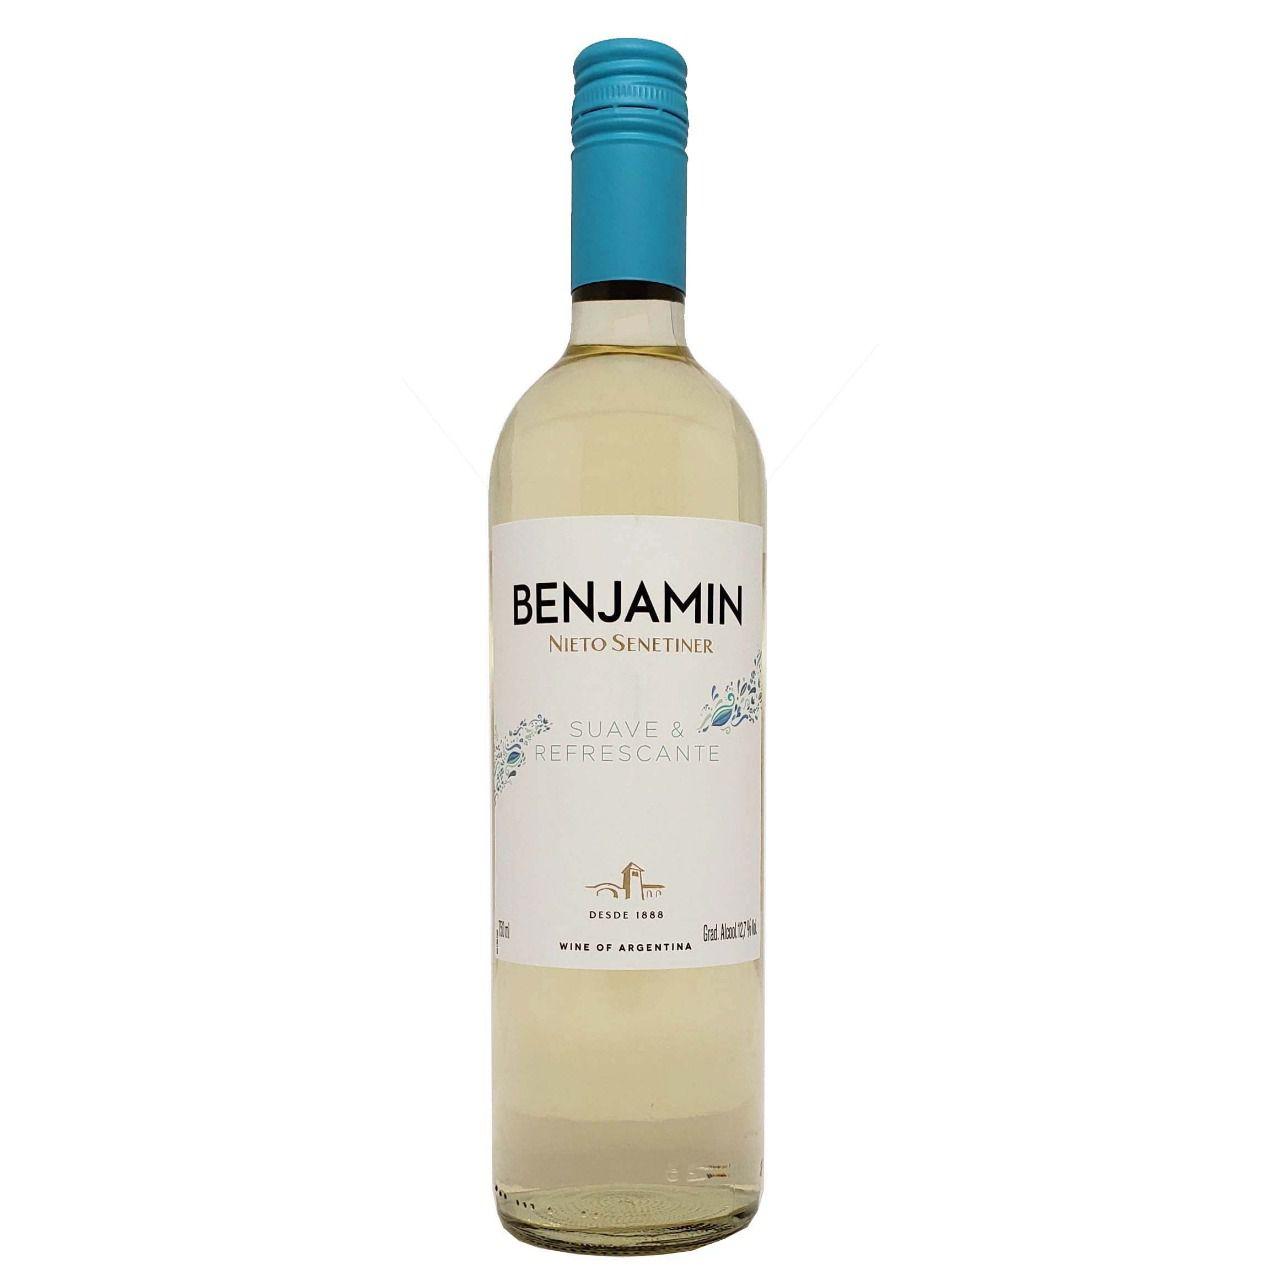 Vinho Branco Benjamin Nieto Senetiner Suave & Refrescante - 750ml -